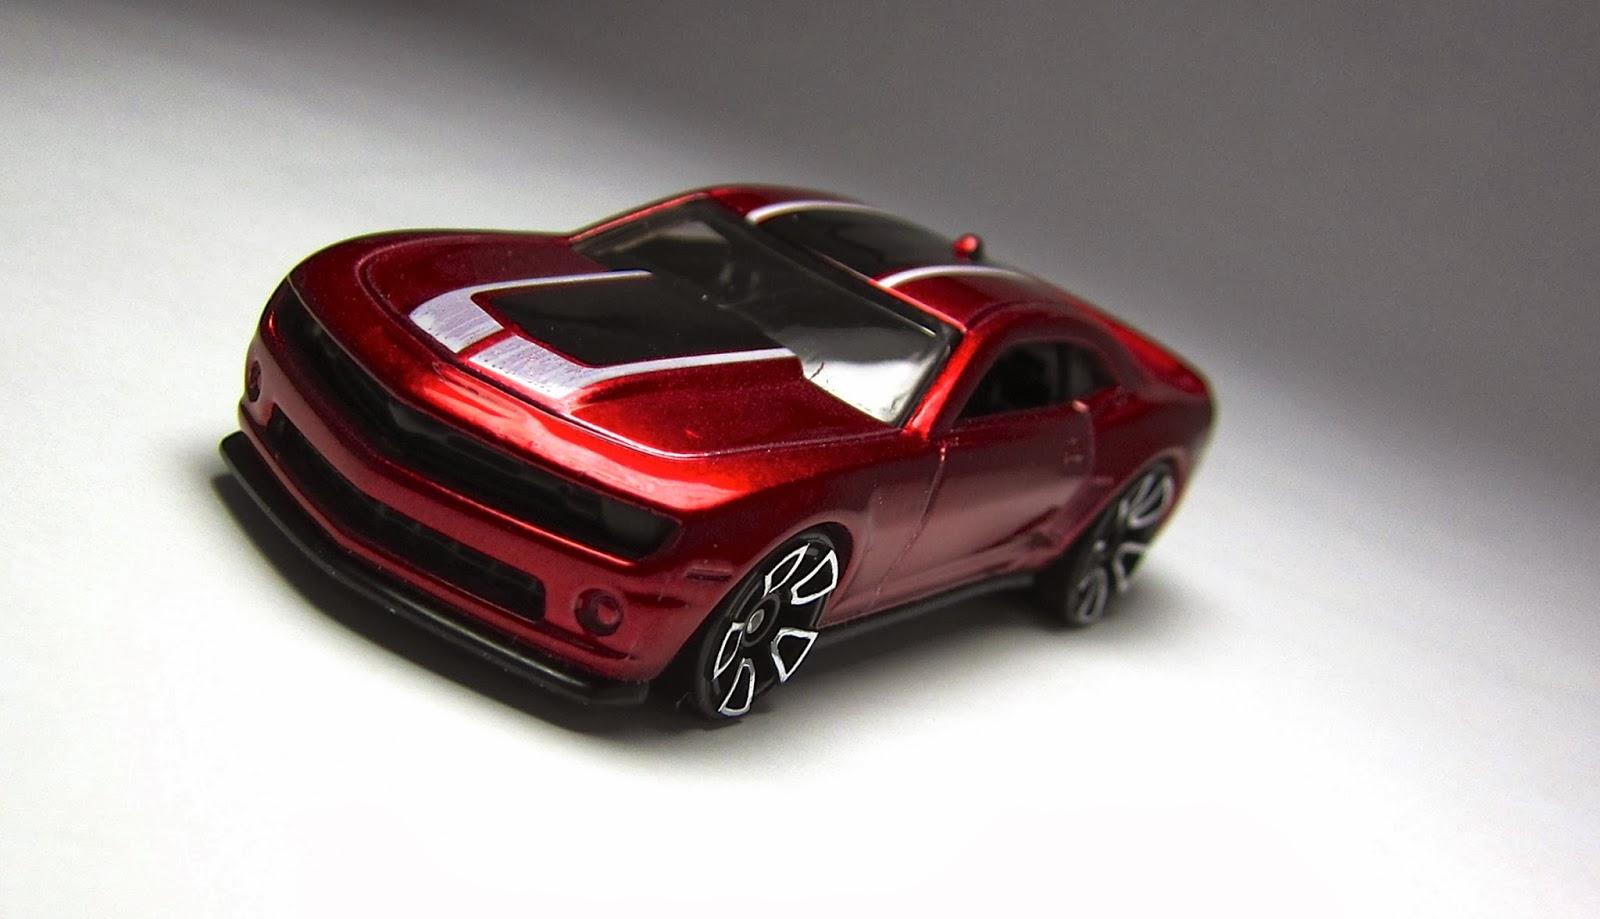 Hot Wheels 2014 Super Treasure Hunt 2013 Chevy Camaro Special Edition